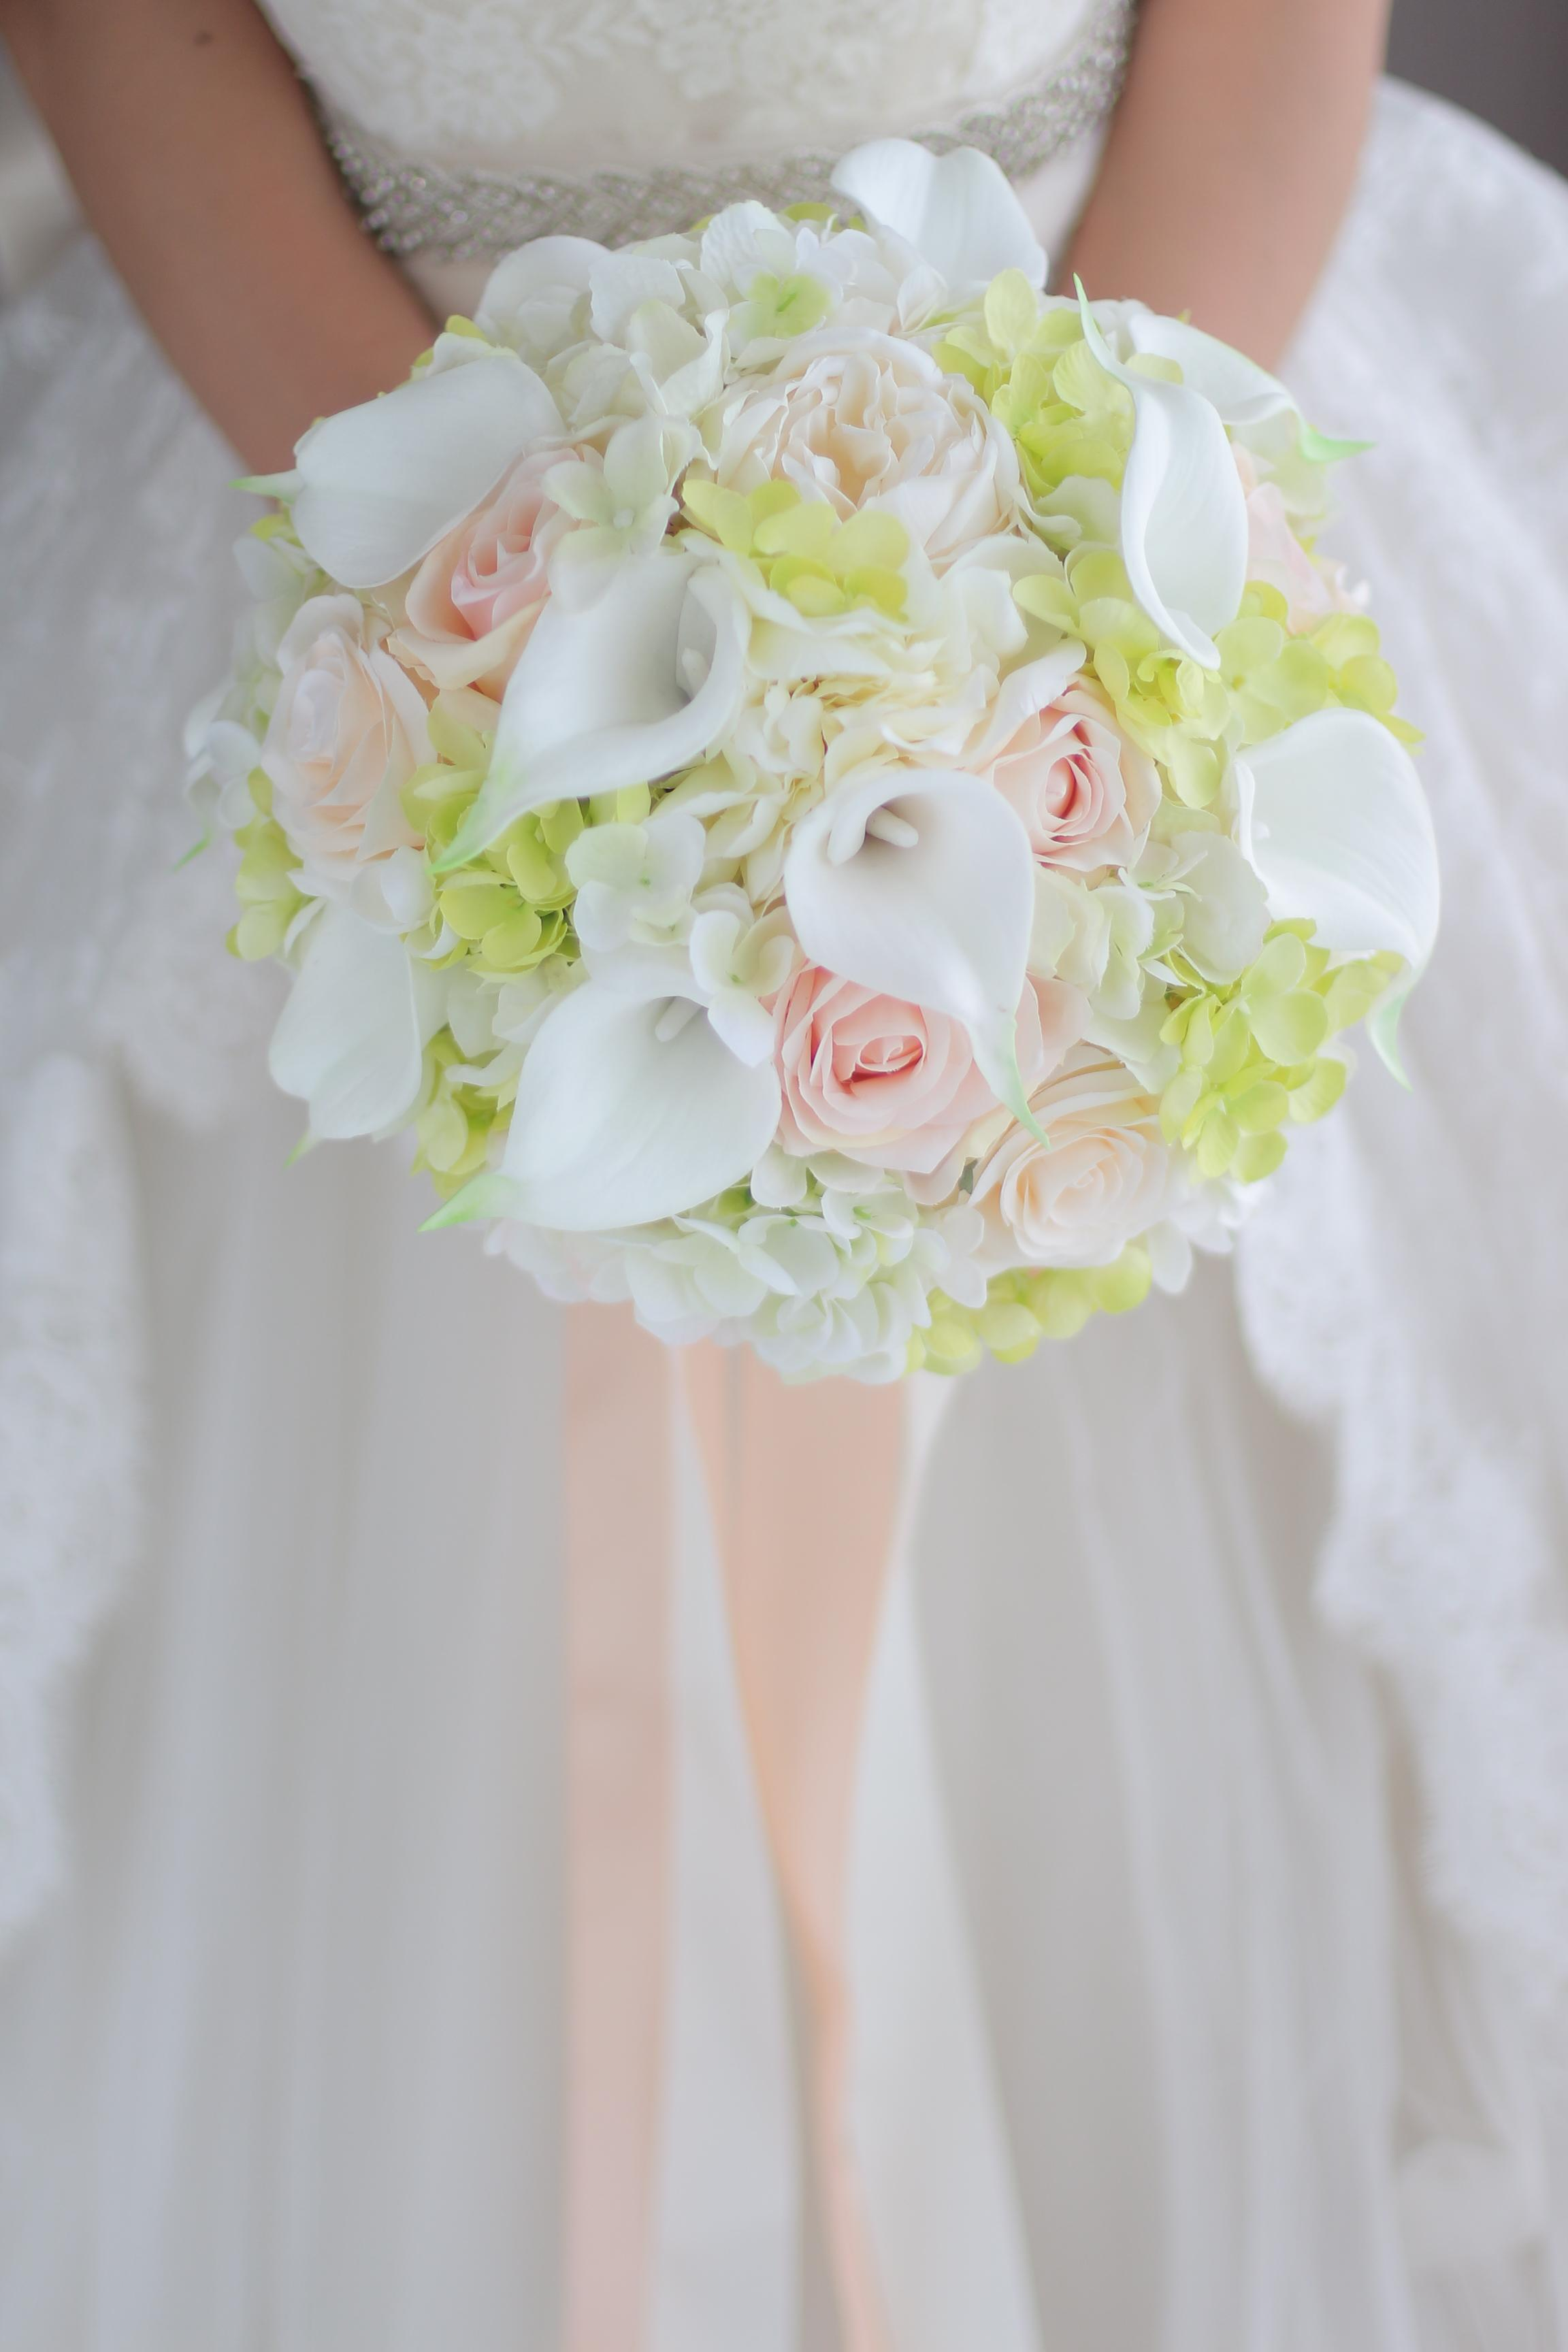 acheter dernier bouquet de mariage blanc champagne rose calla lily